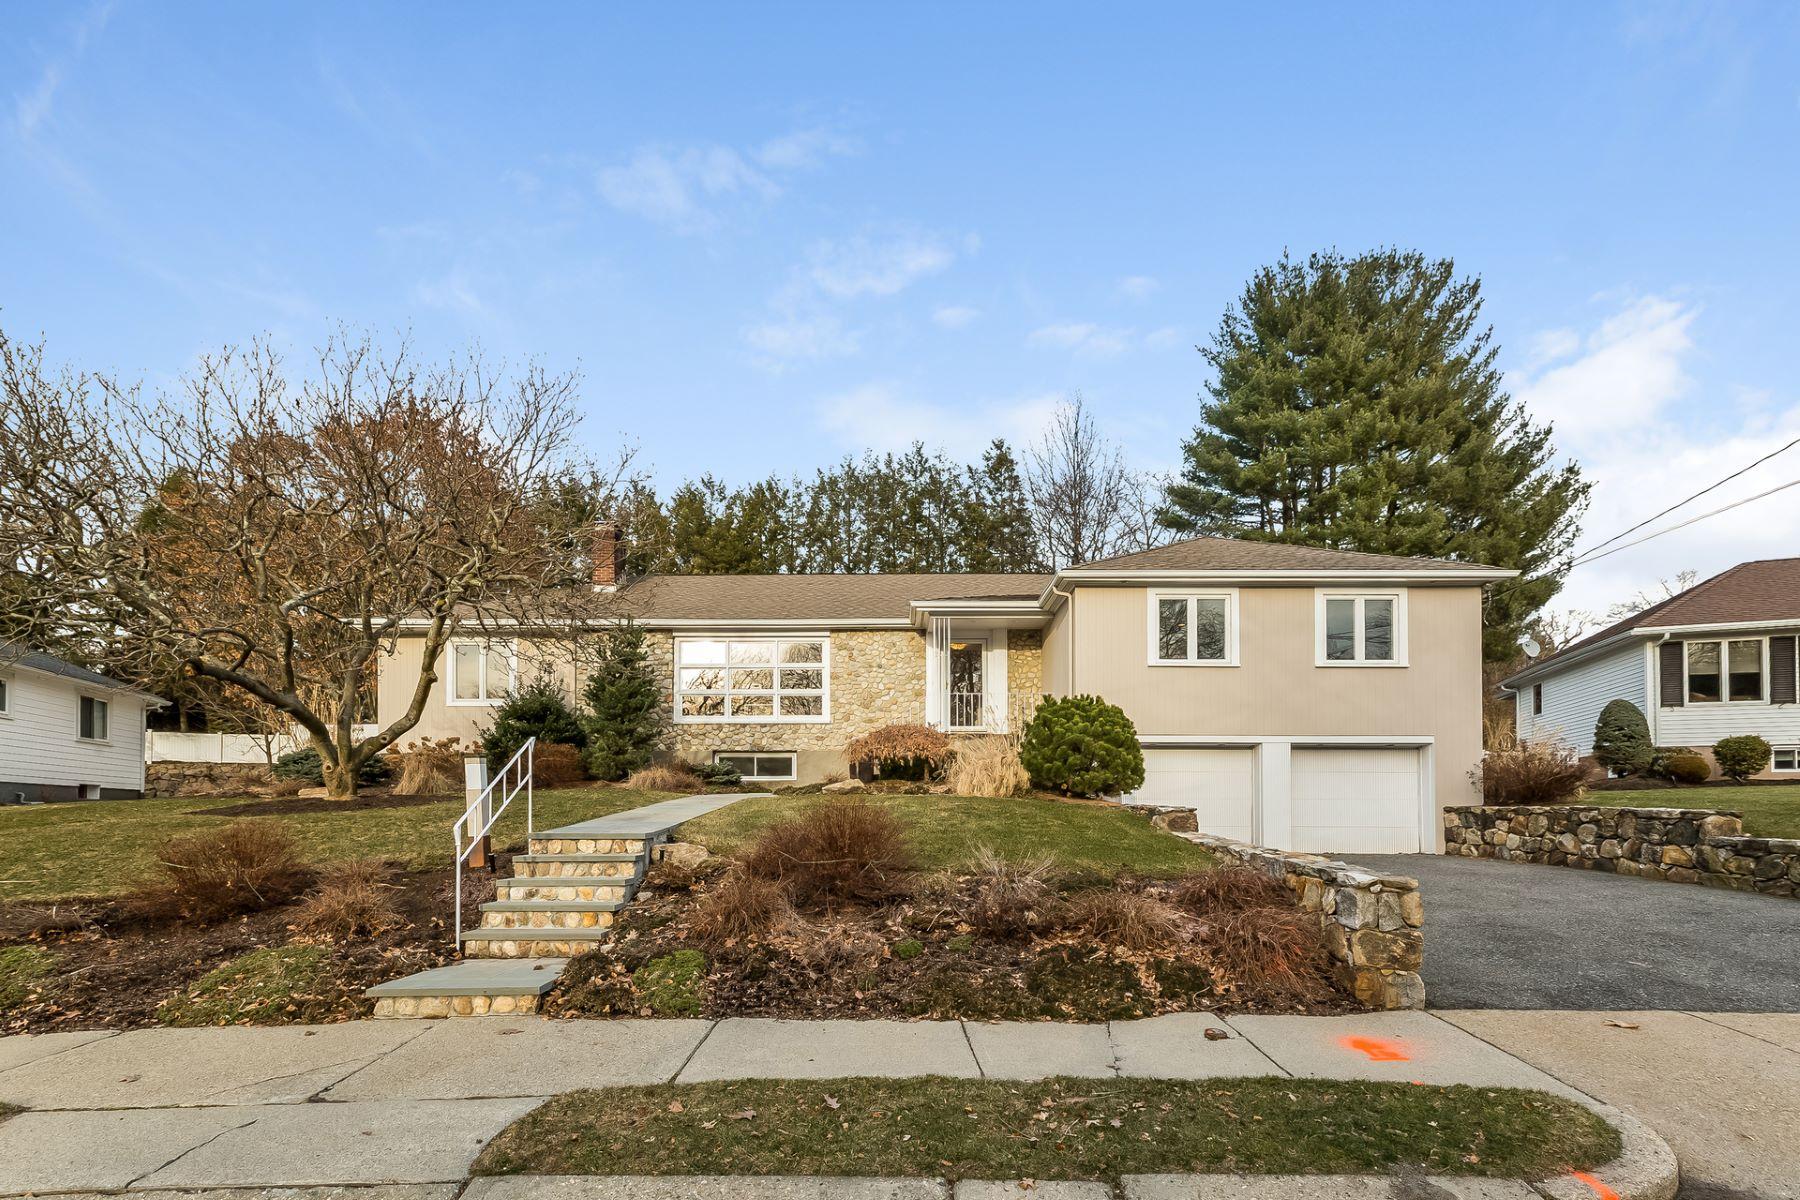 独户住宅 为 销售 在 86 Deborah Road, Newton 86 Deborah Rd, 牛顿, 马萨诸塞州, 02459 美国